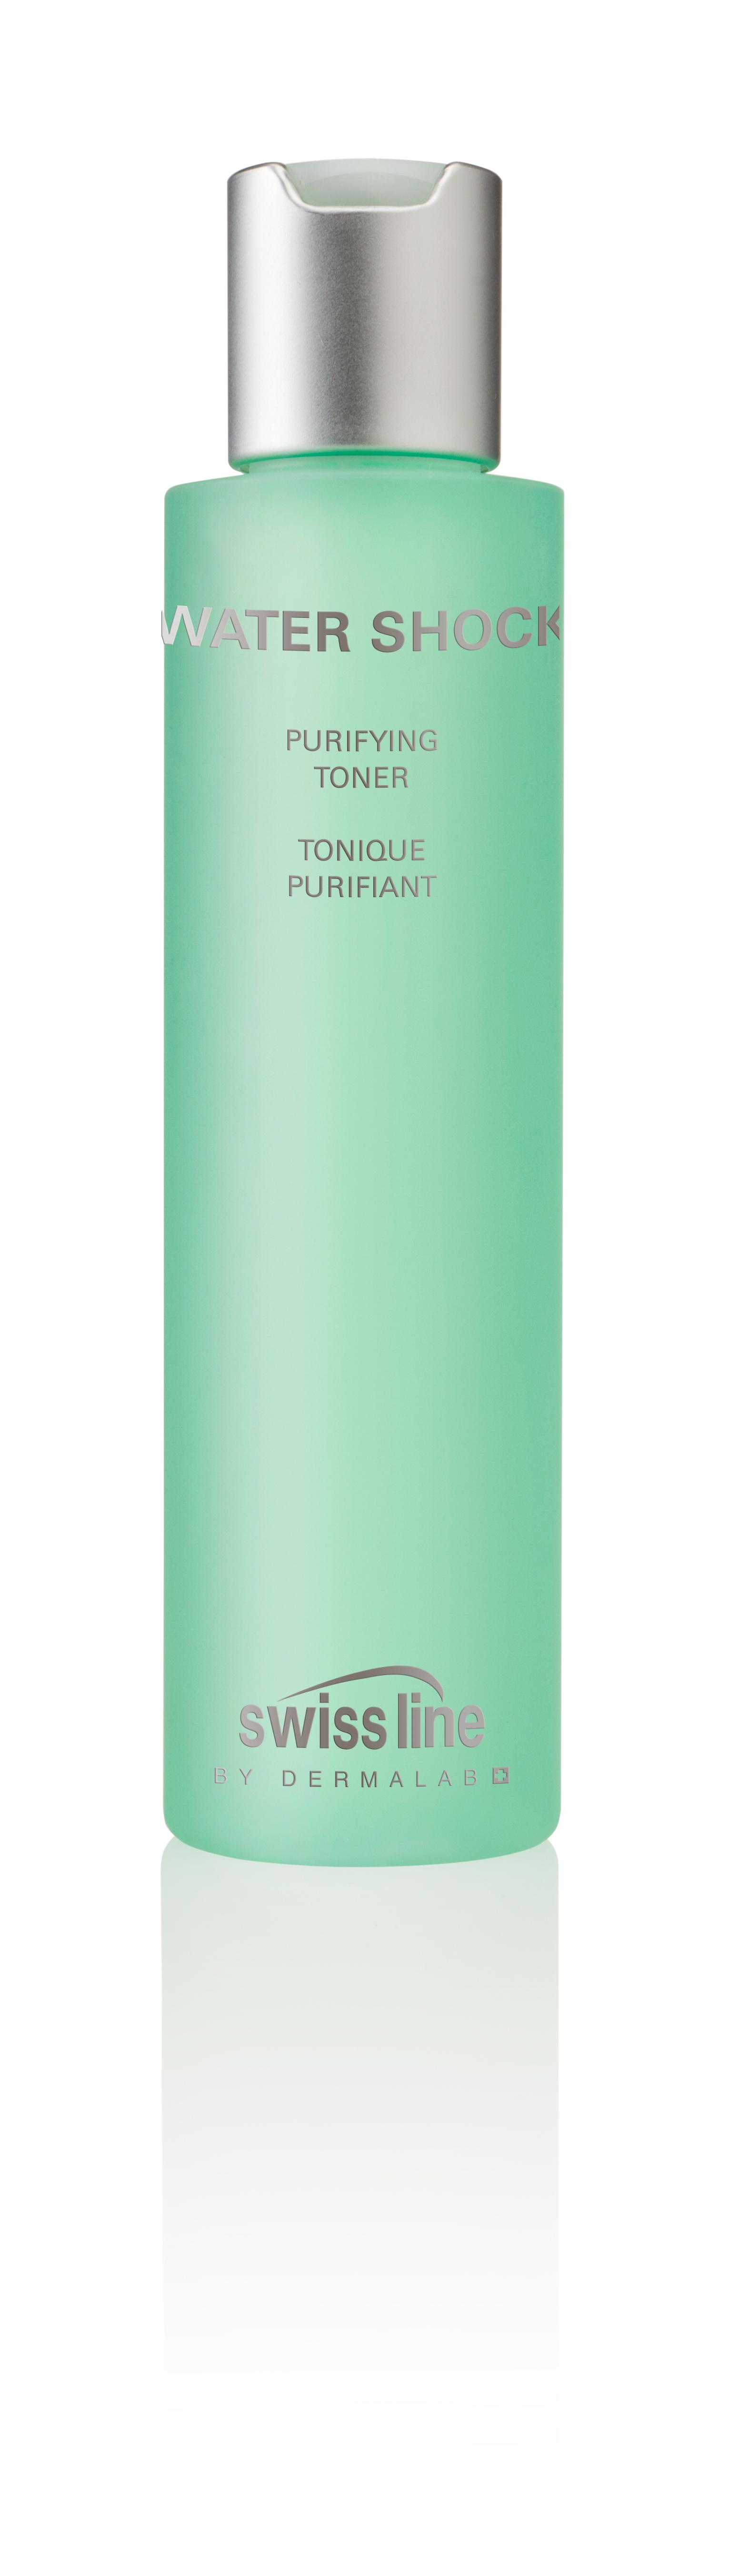 SWISS LINE Тоник очищающий для комбинированной и жирной кожи / Purifying toner 160 мл -  Тоники